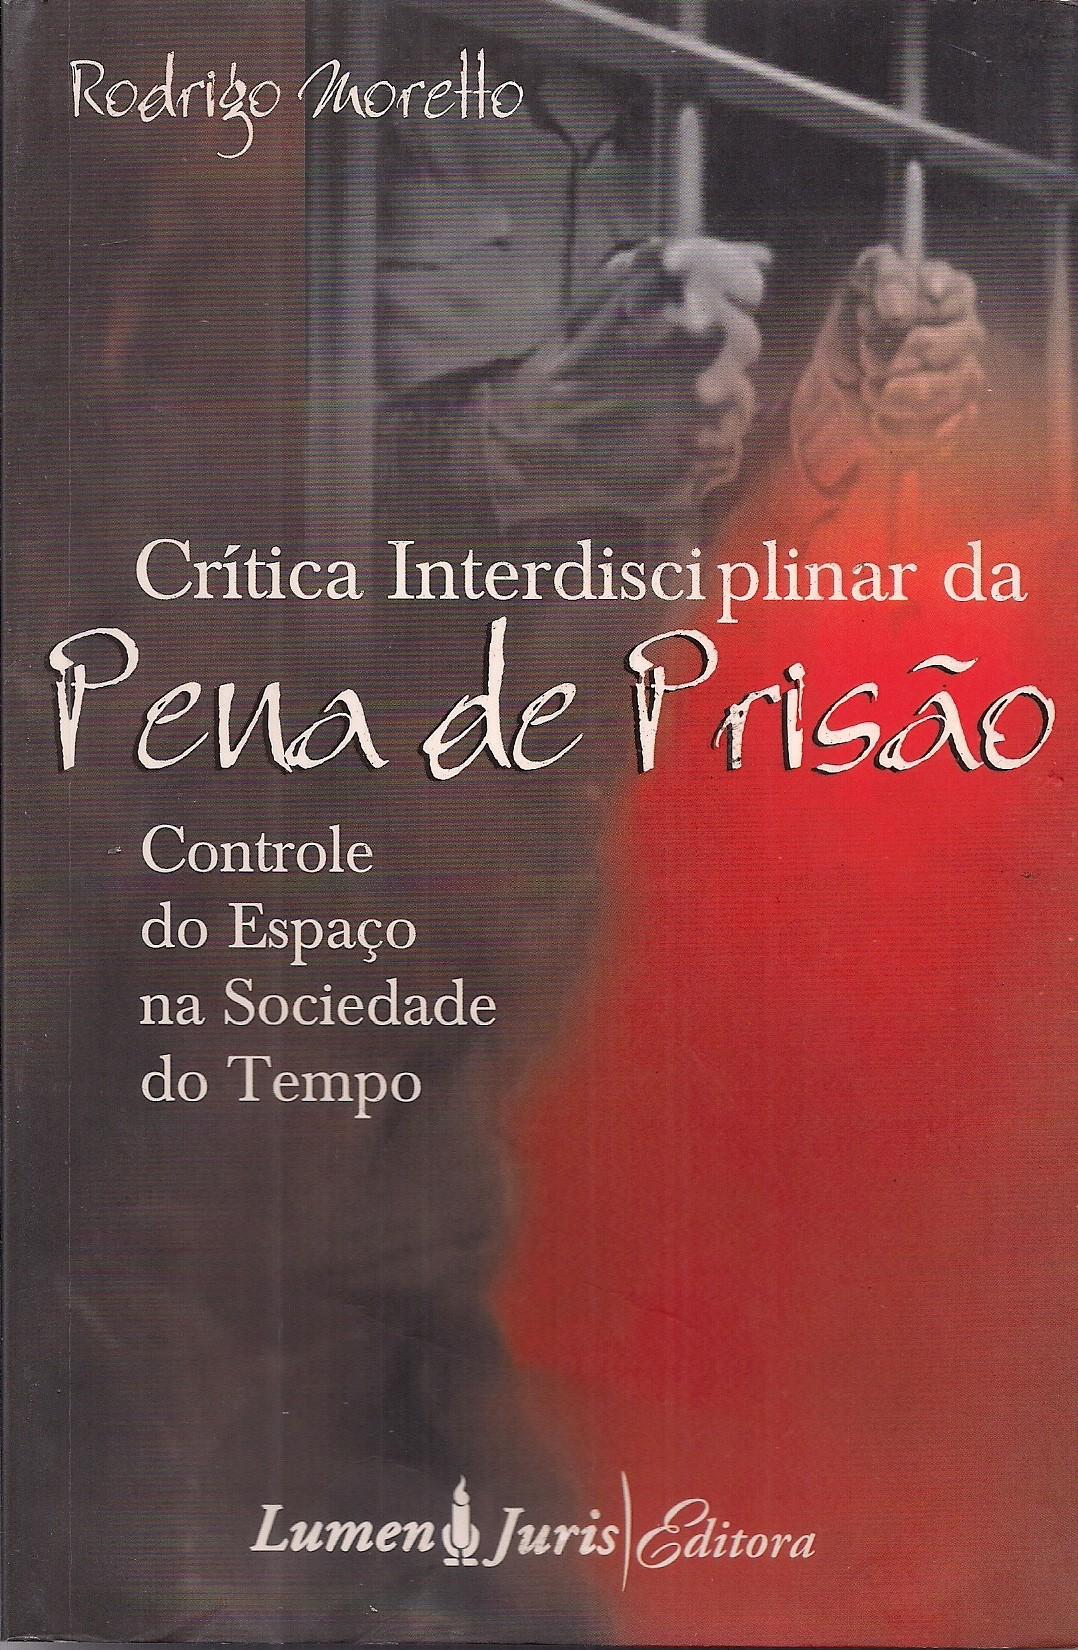 Foto 1 - Crítica Interdisciplinar da Pena de Prisão